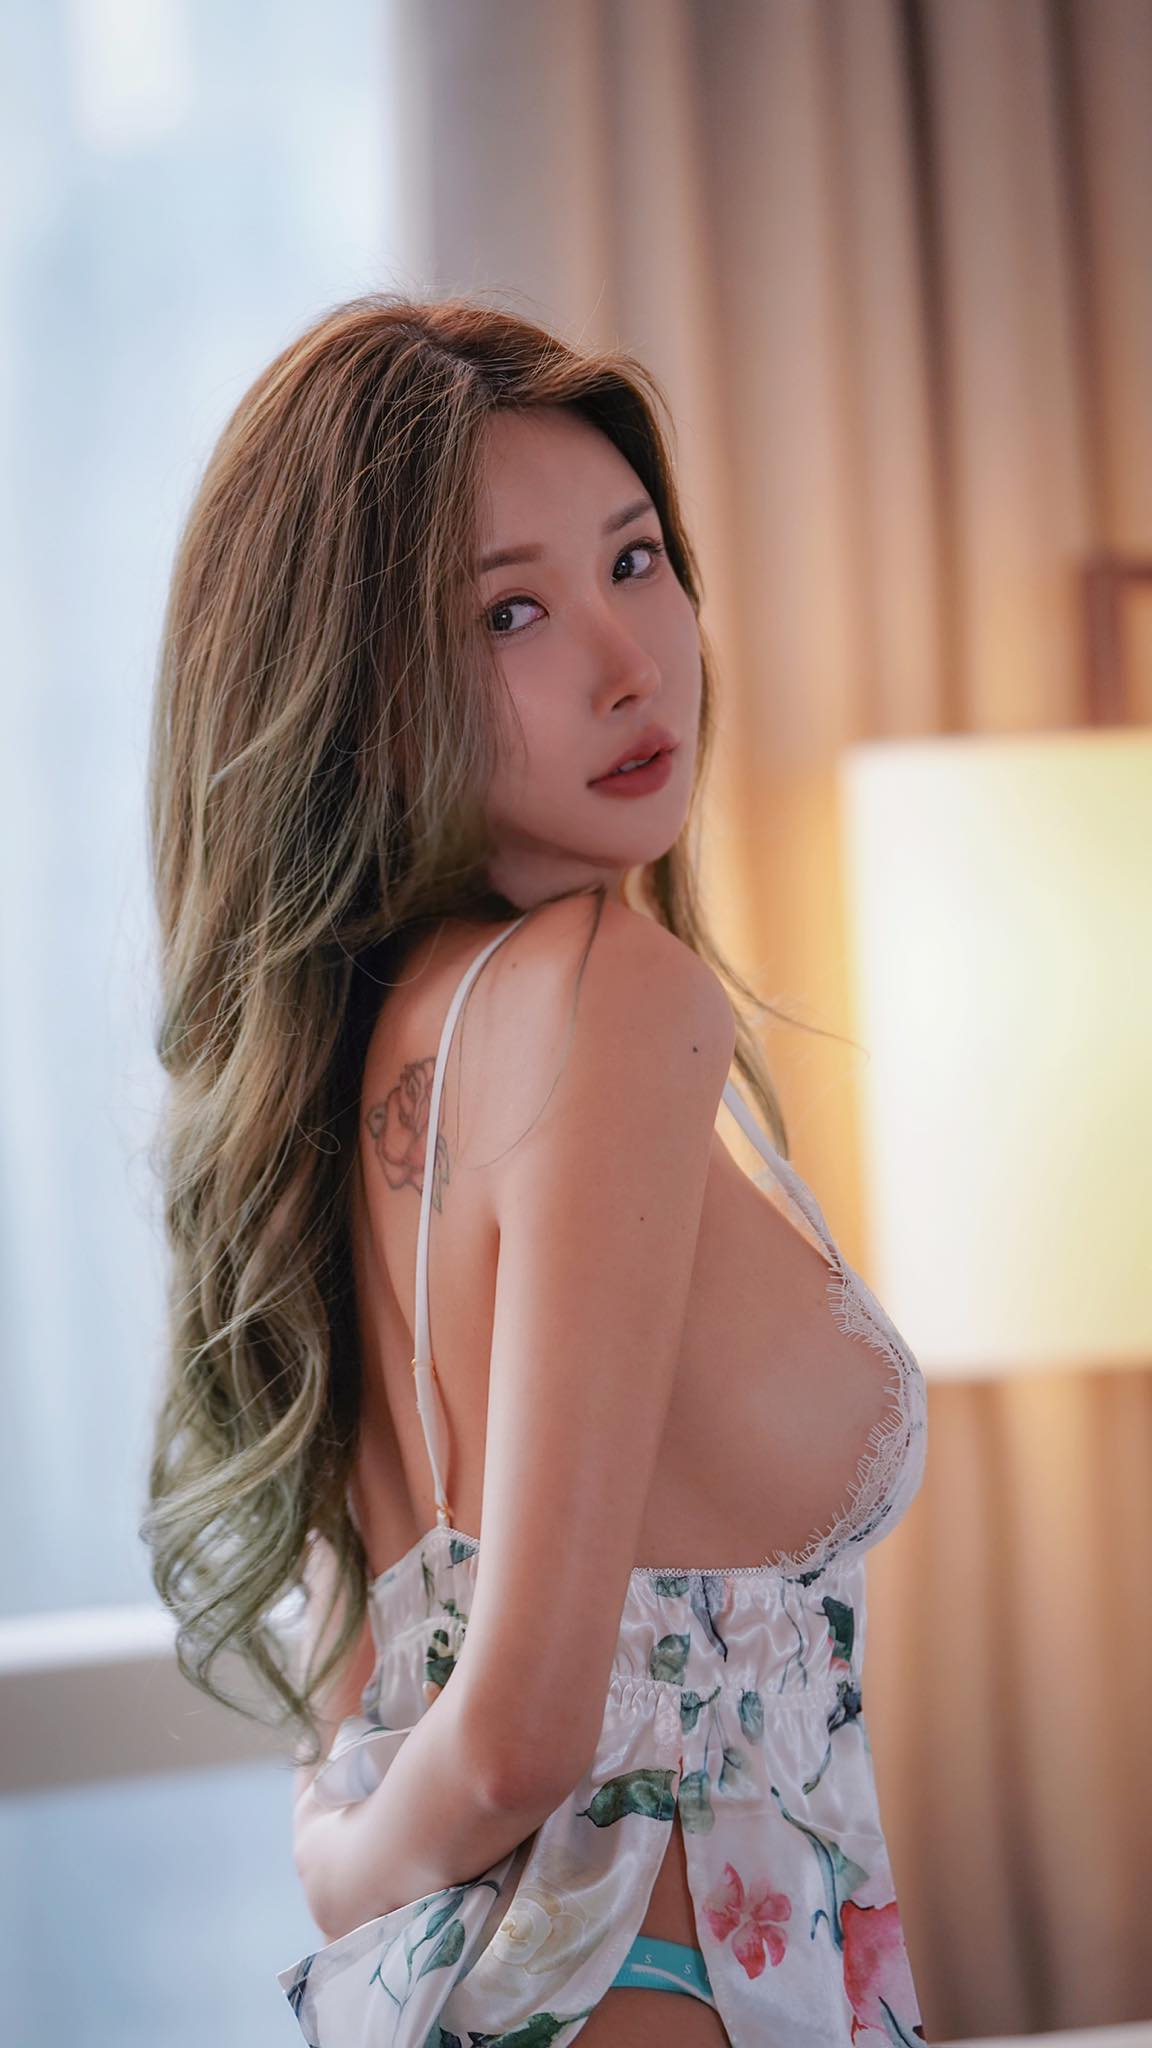 【上車】大馬飛機杯女神《Gatita Yan》私拍影片流出「收錢秒脫」爆月入300萬!